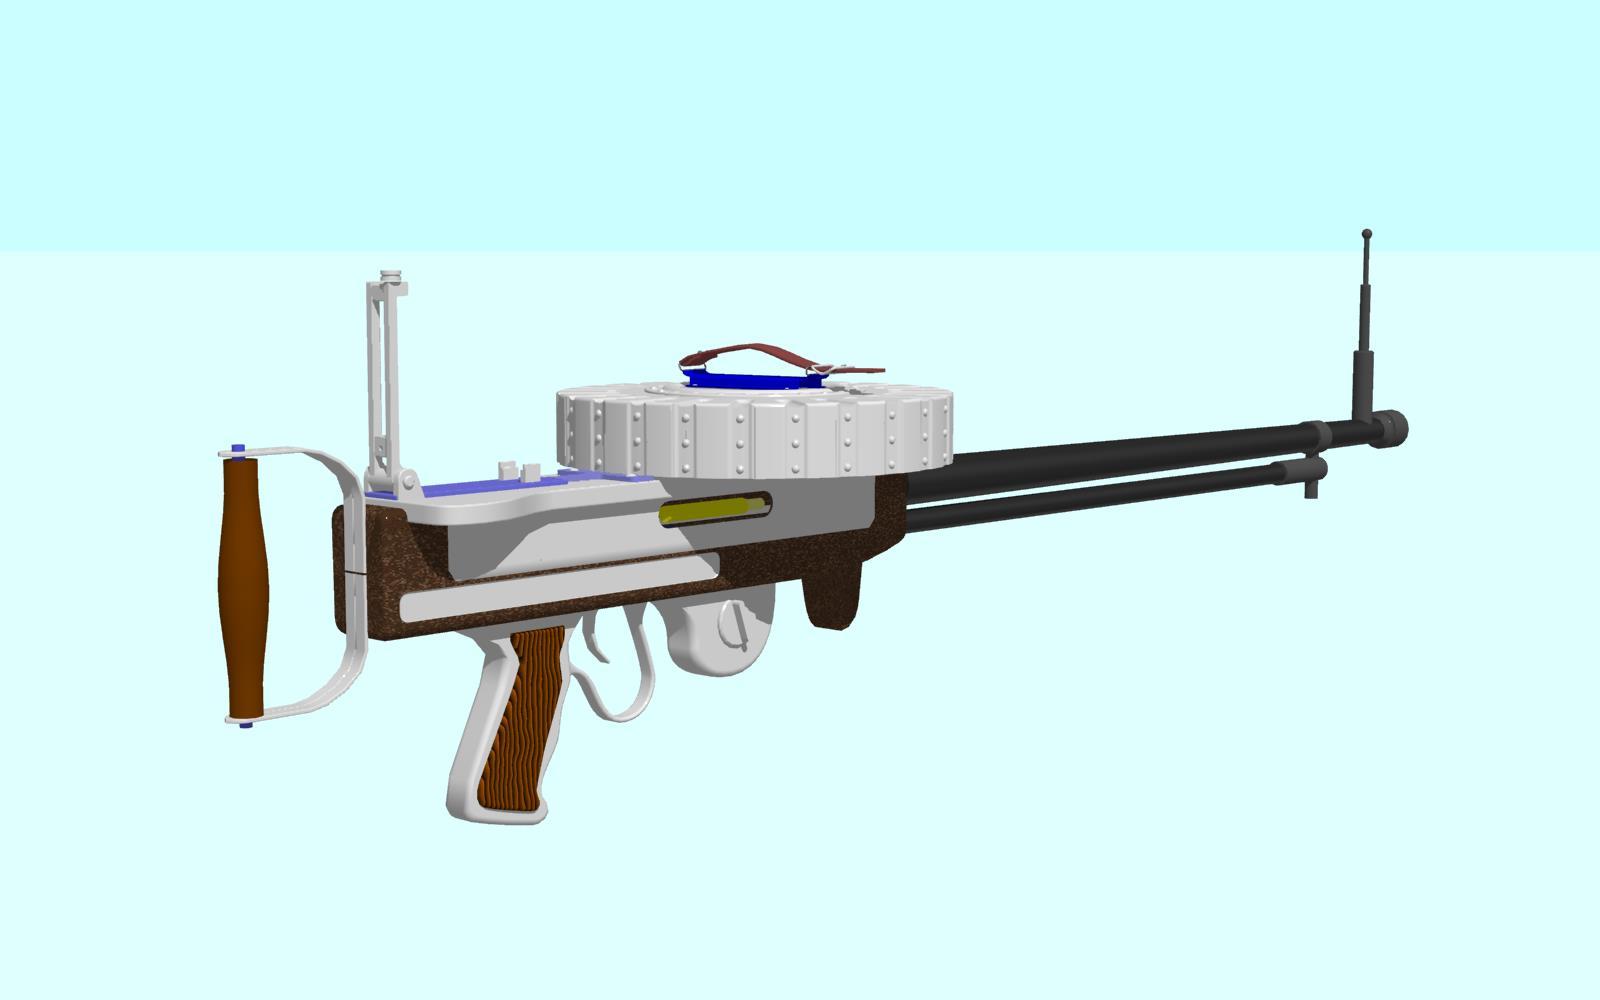 ああ機銃4_image